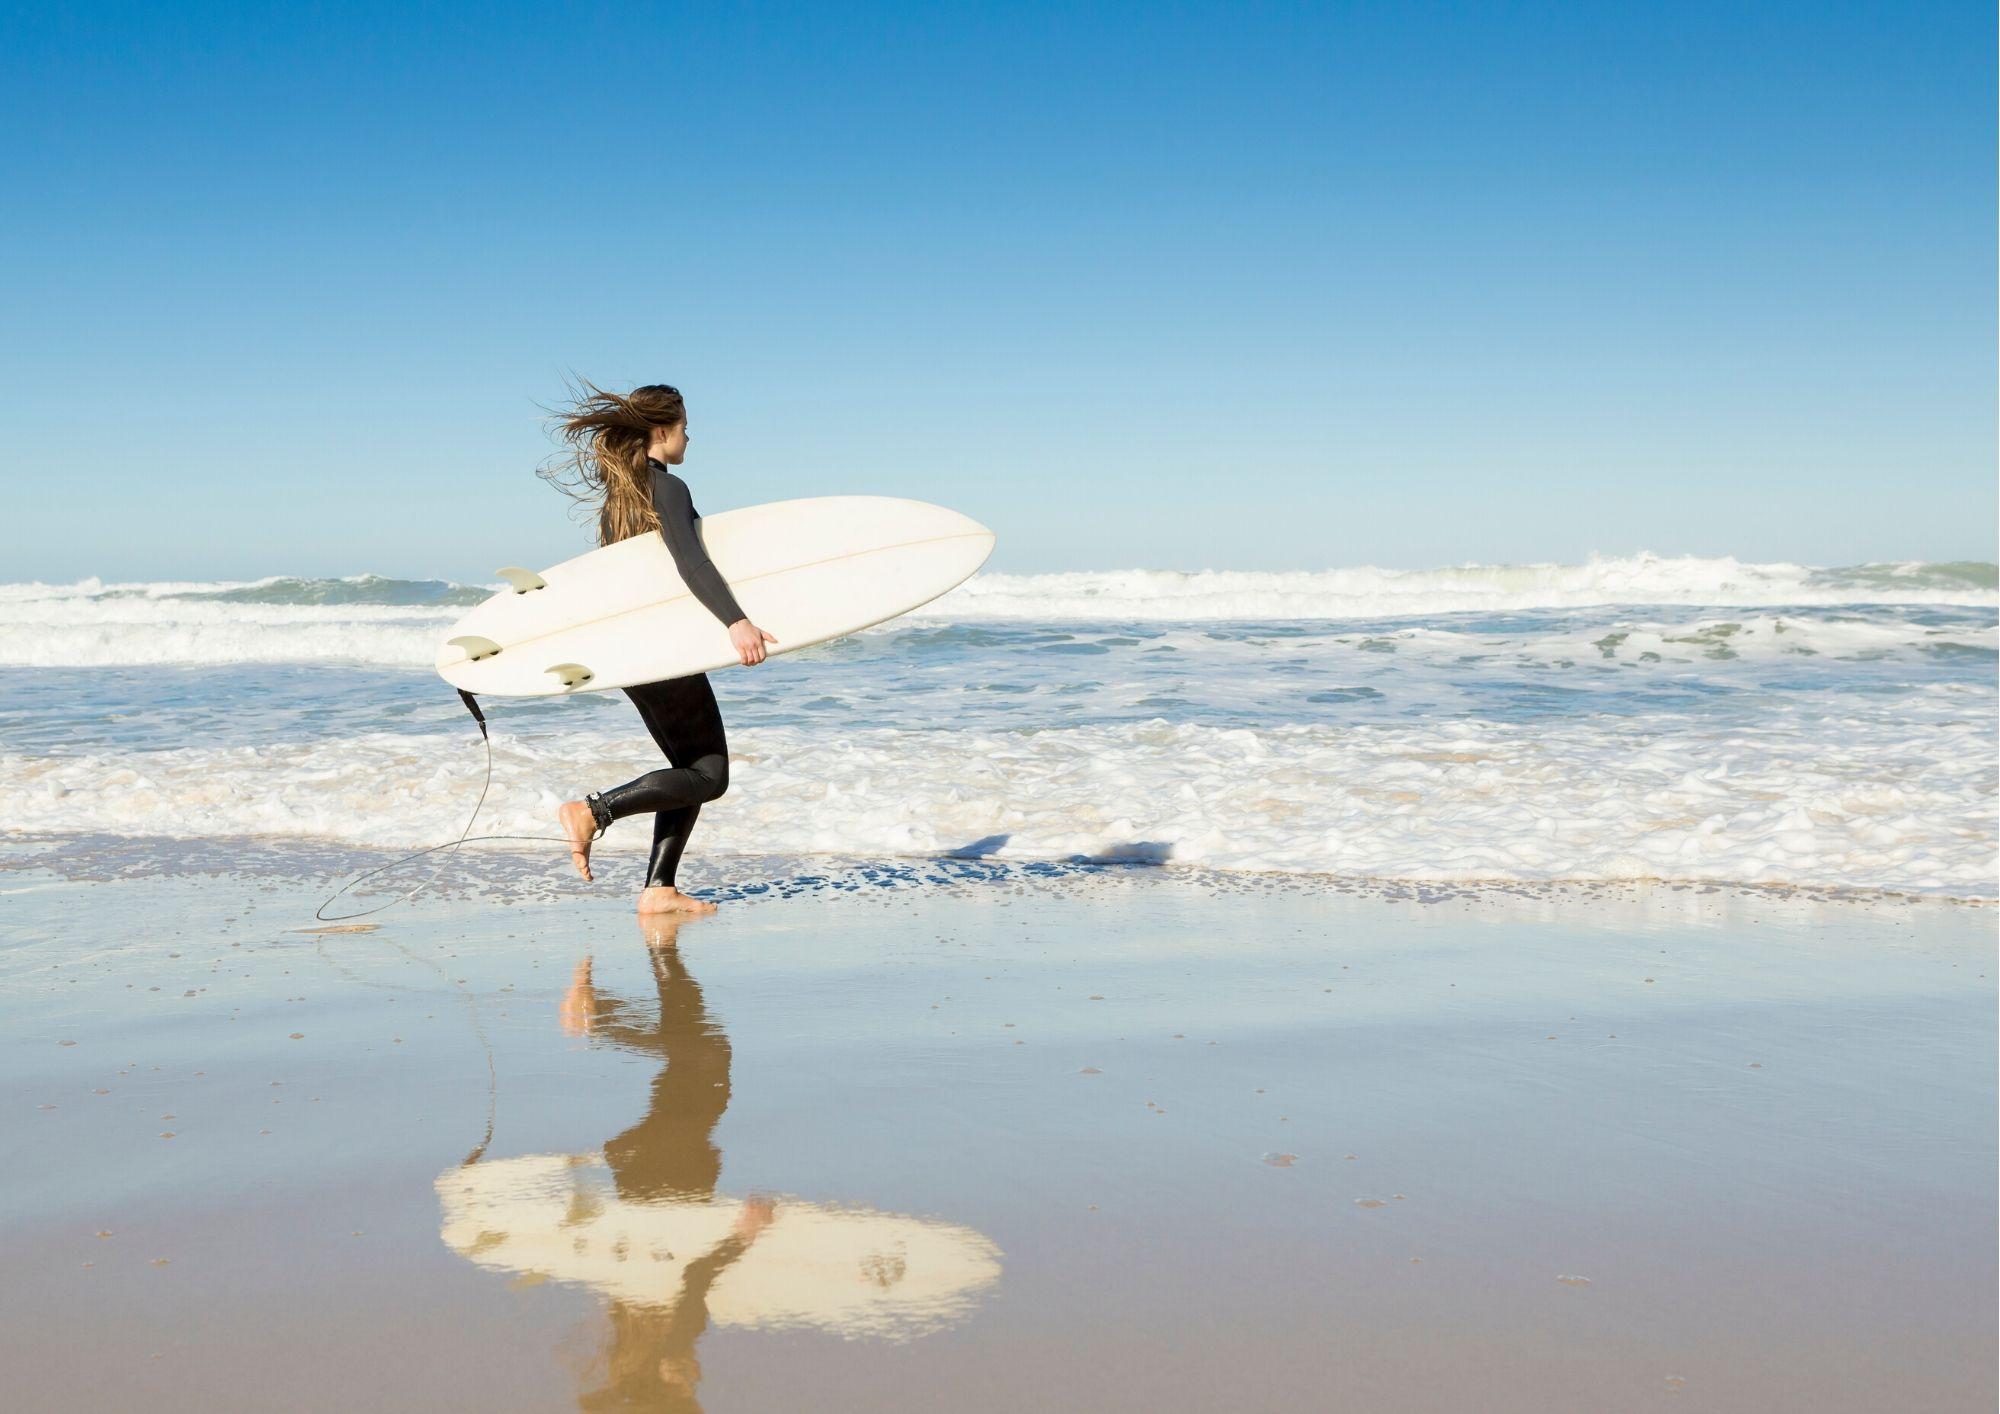 Surferin auf einer schönen Welle in den Tropen und es geht darum ohne Angst zu surfen.